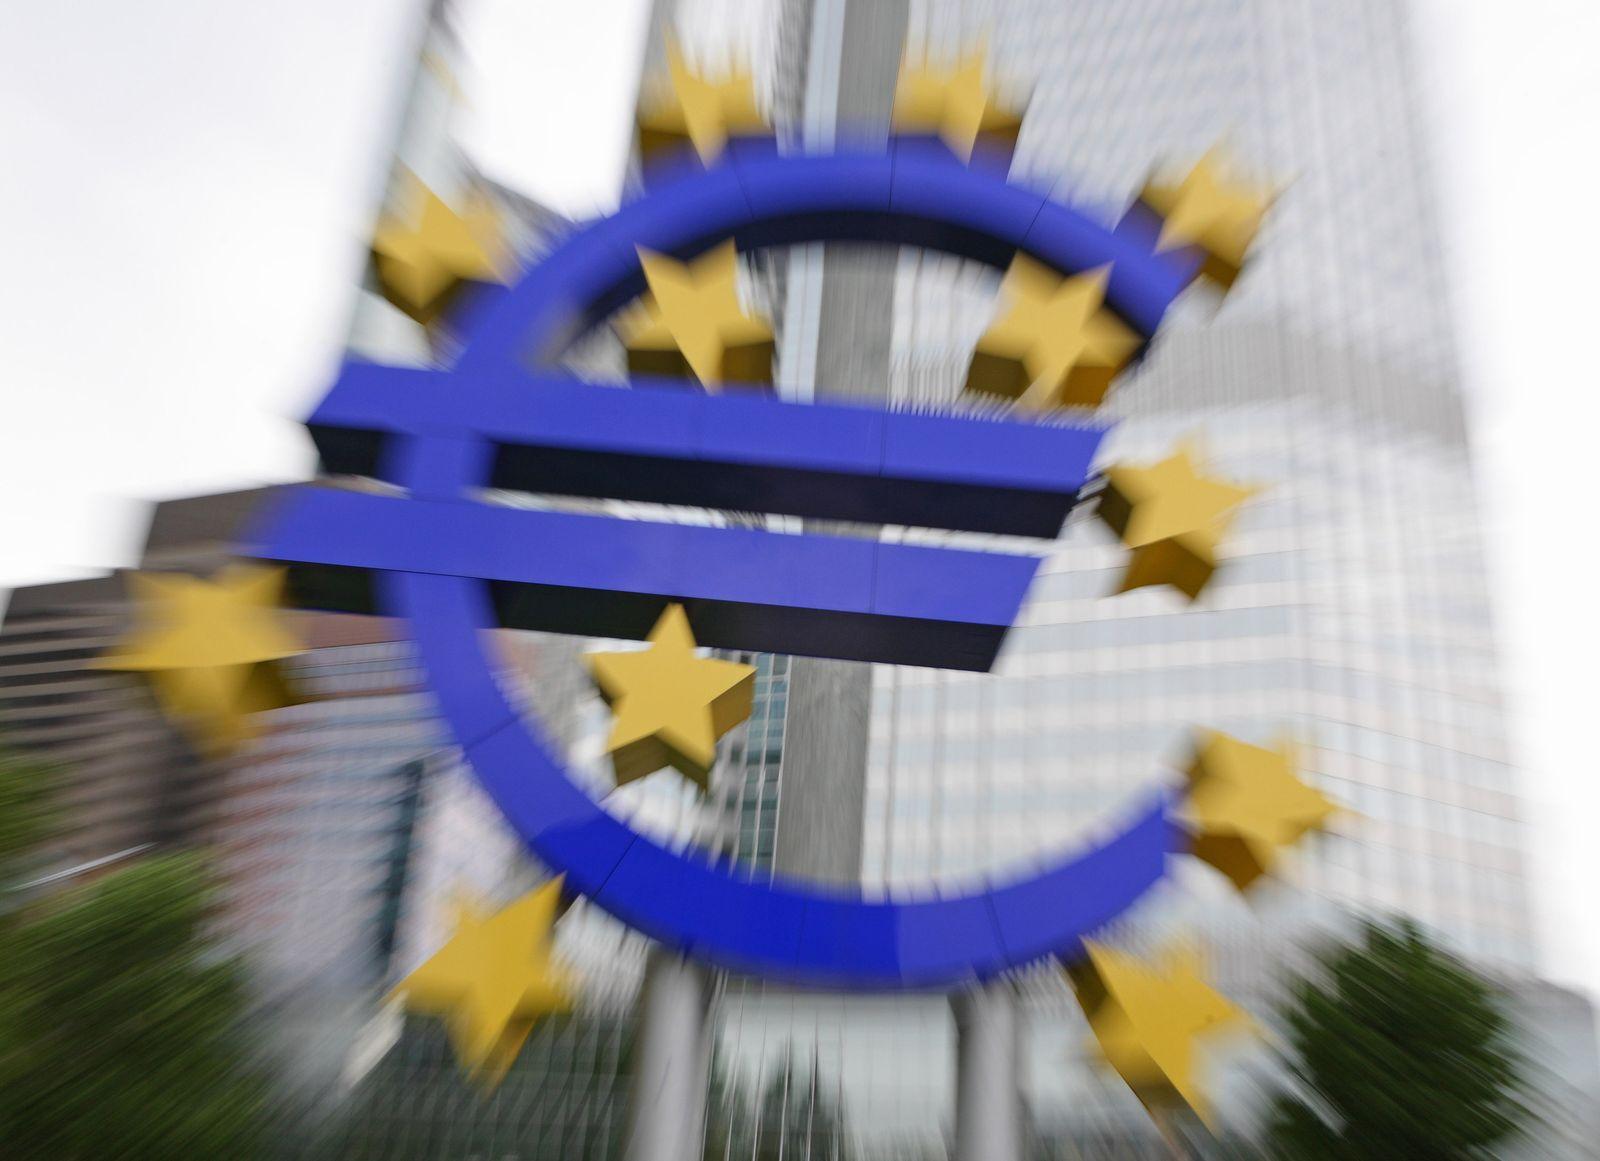 ifo Institut zu Folgen der Finanz- und Euro-Krise